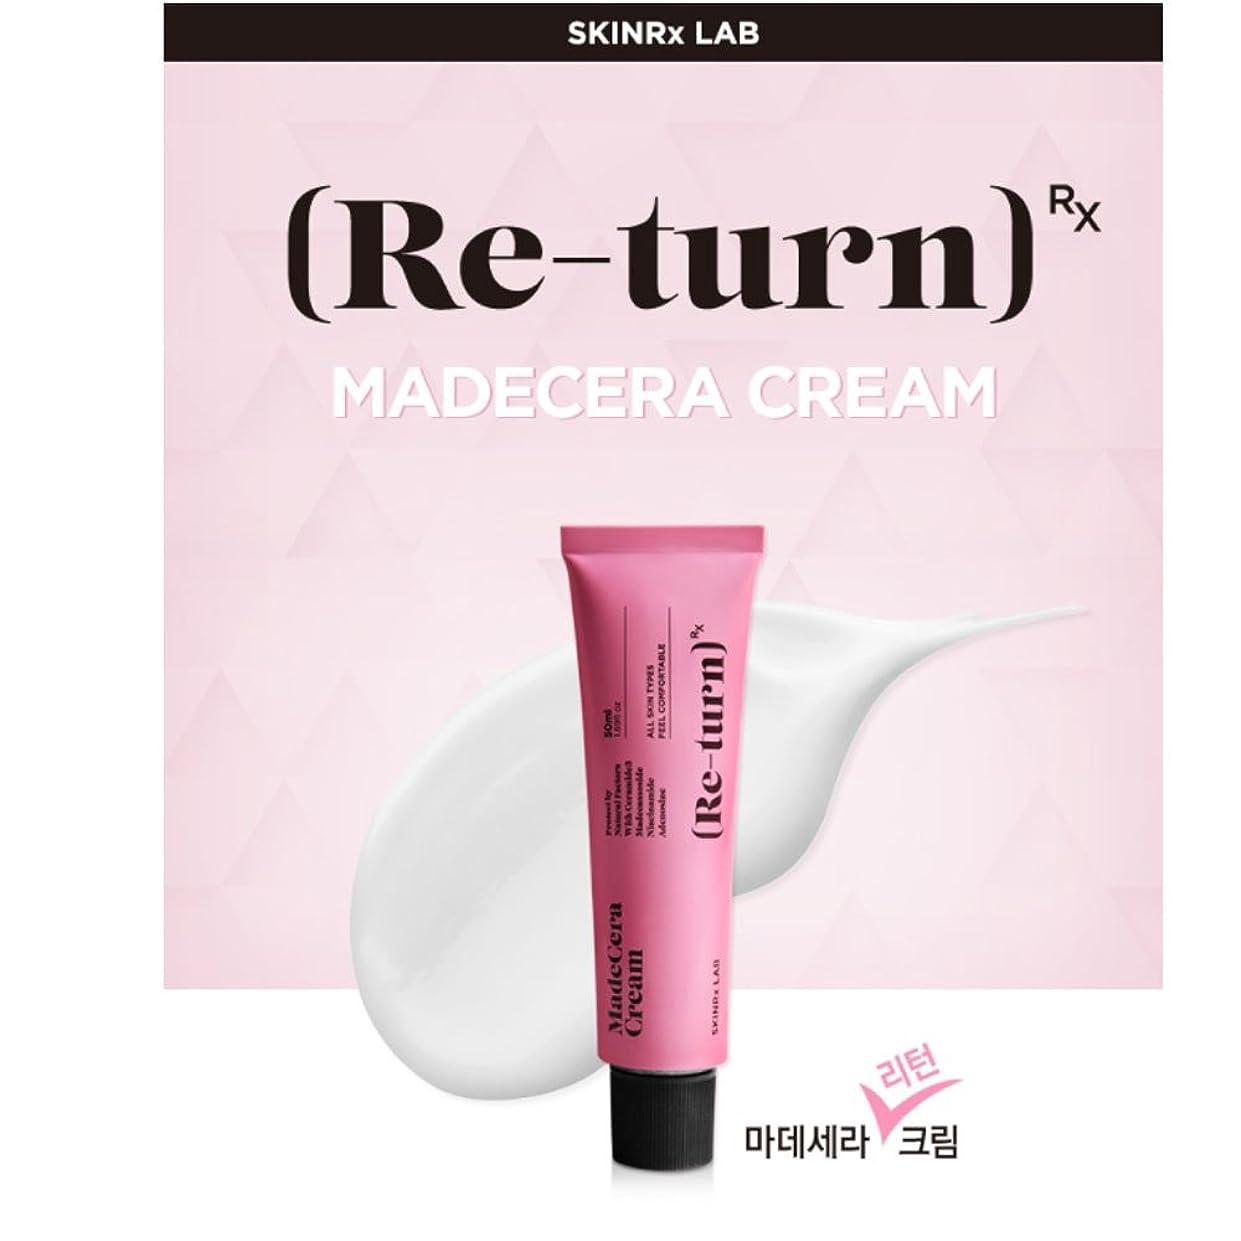 履歴書値アパートスキンアルエクスラップ マデセラ リターン クリーム 50ml / SKINRxLAB MadeCera Re-turn Cream 50ml (1.69oz)